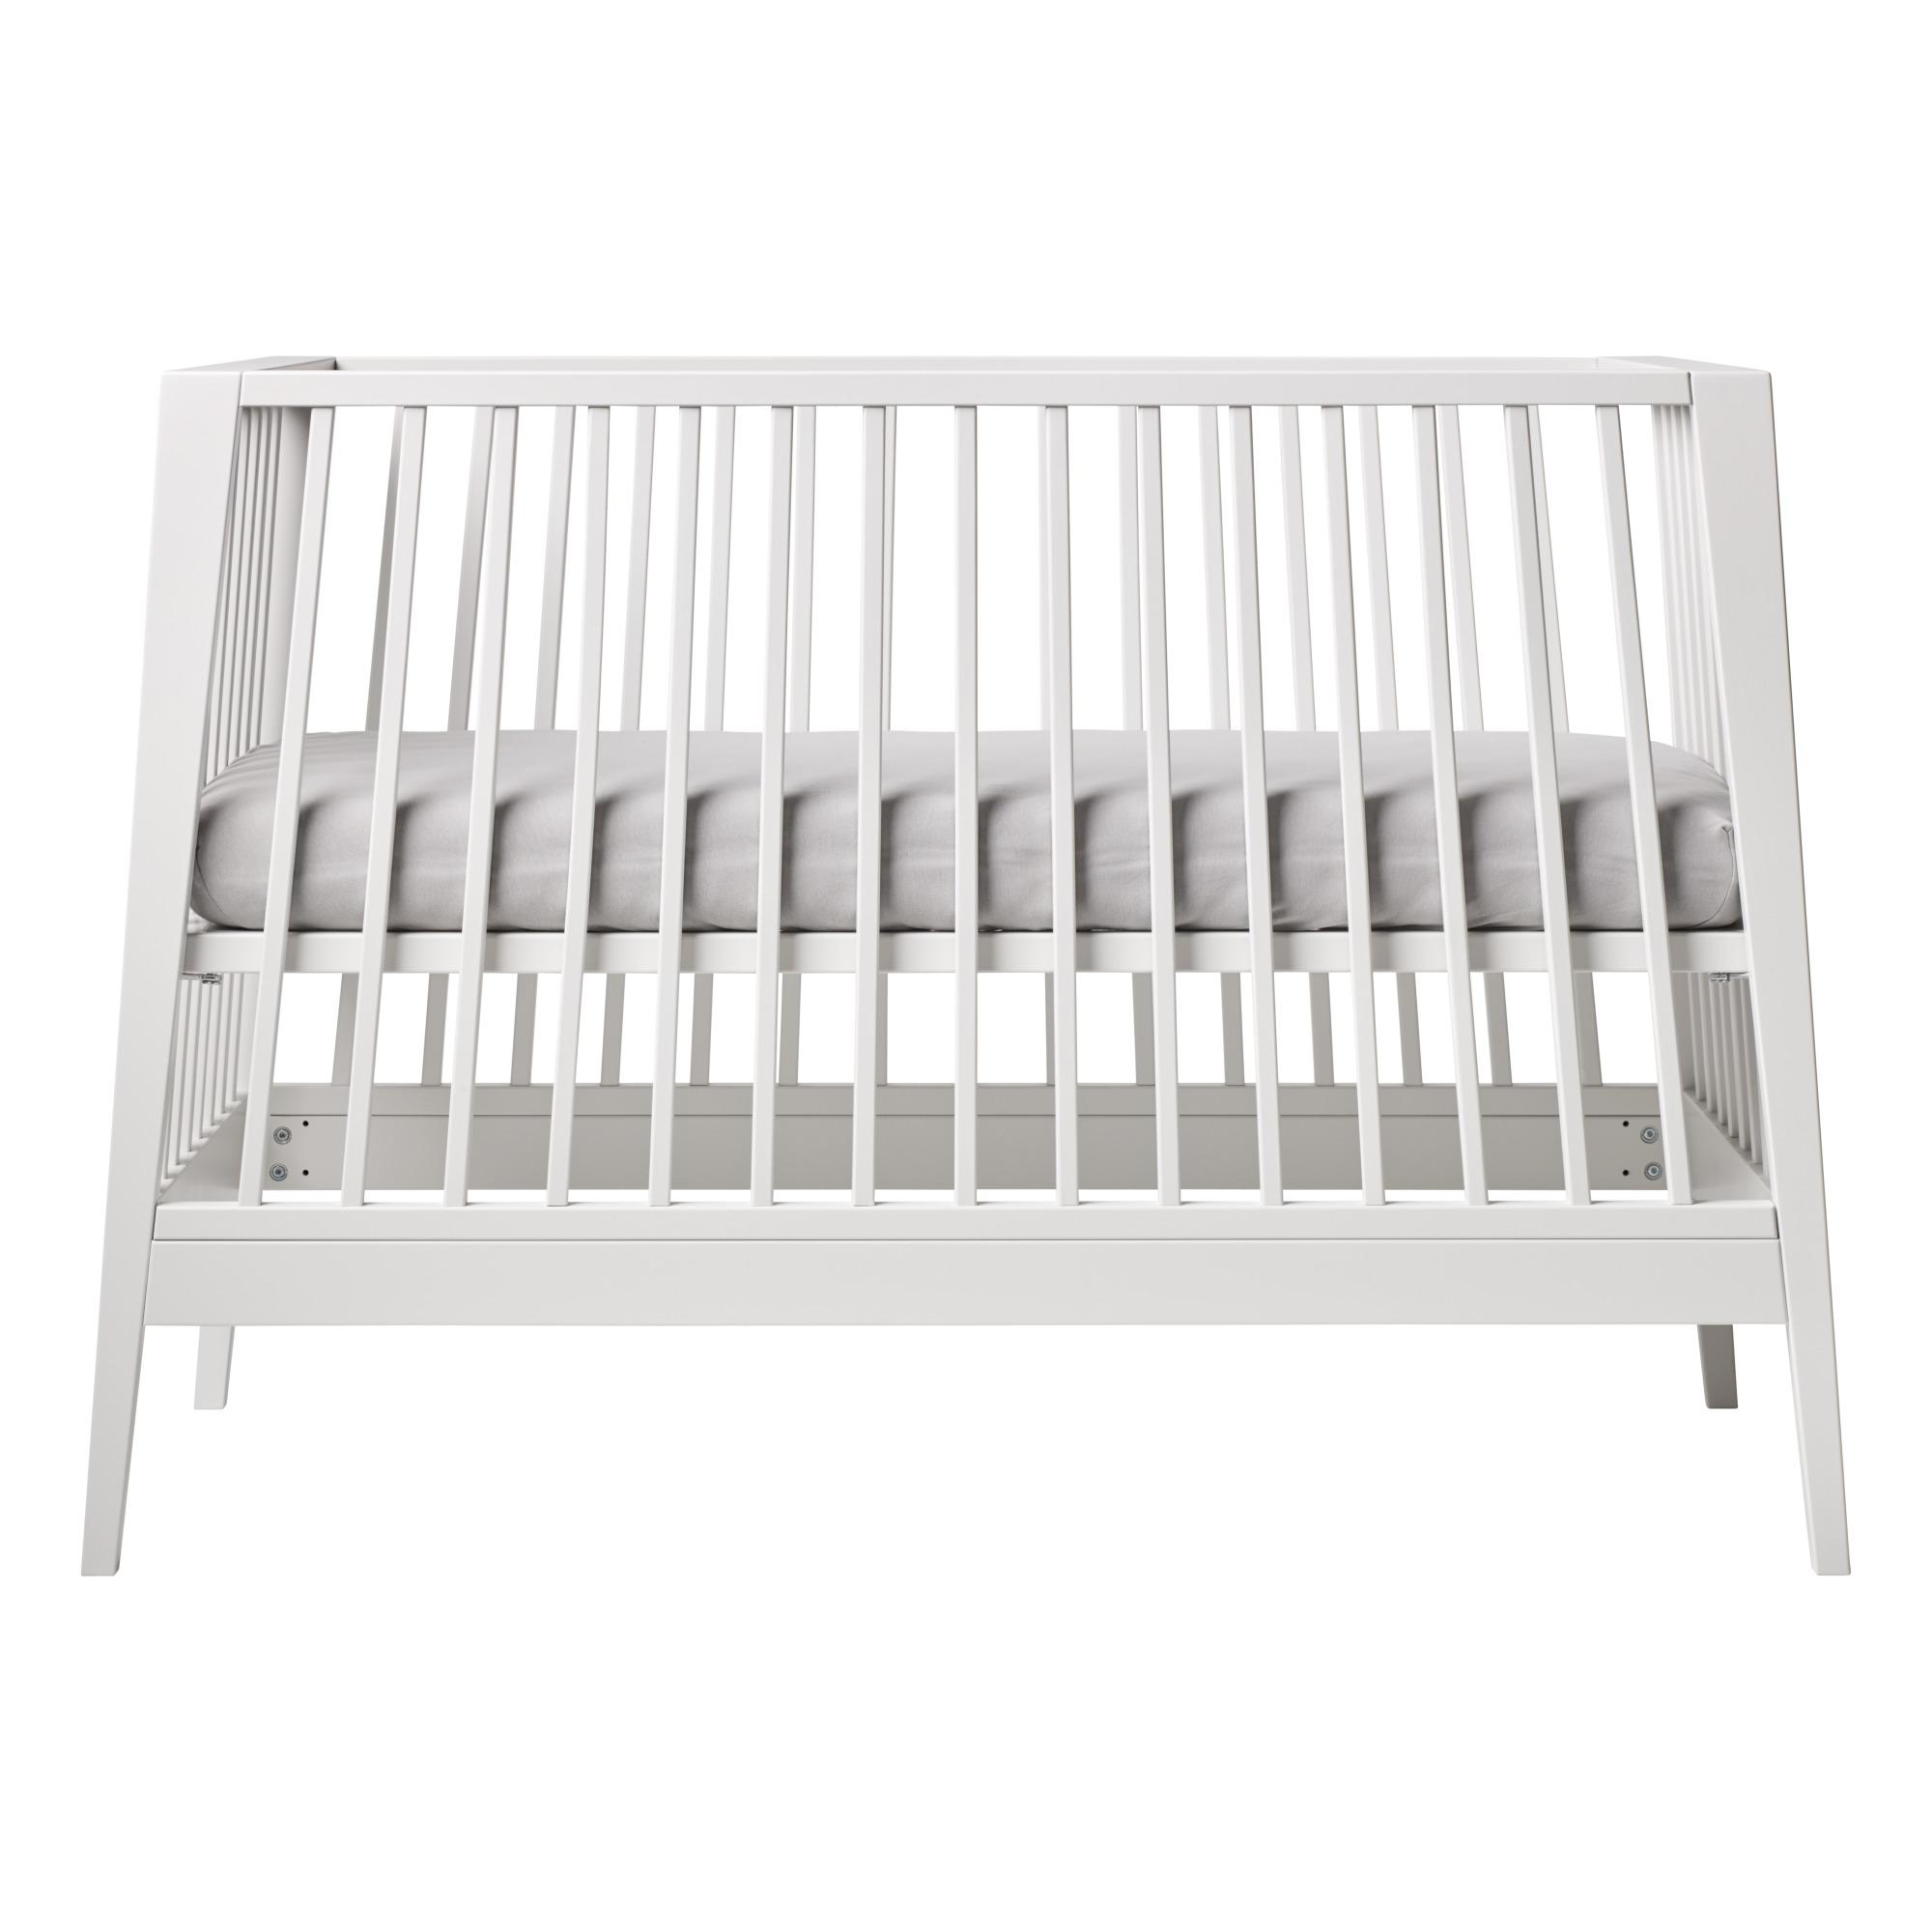 Nett: Babybett 60x120 Linea weiß